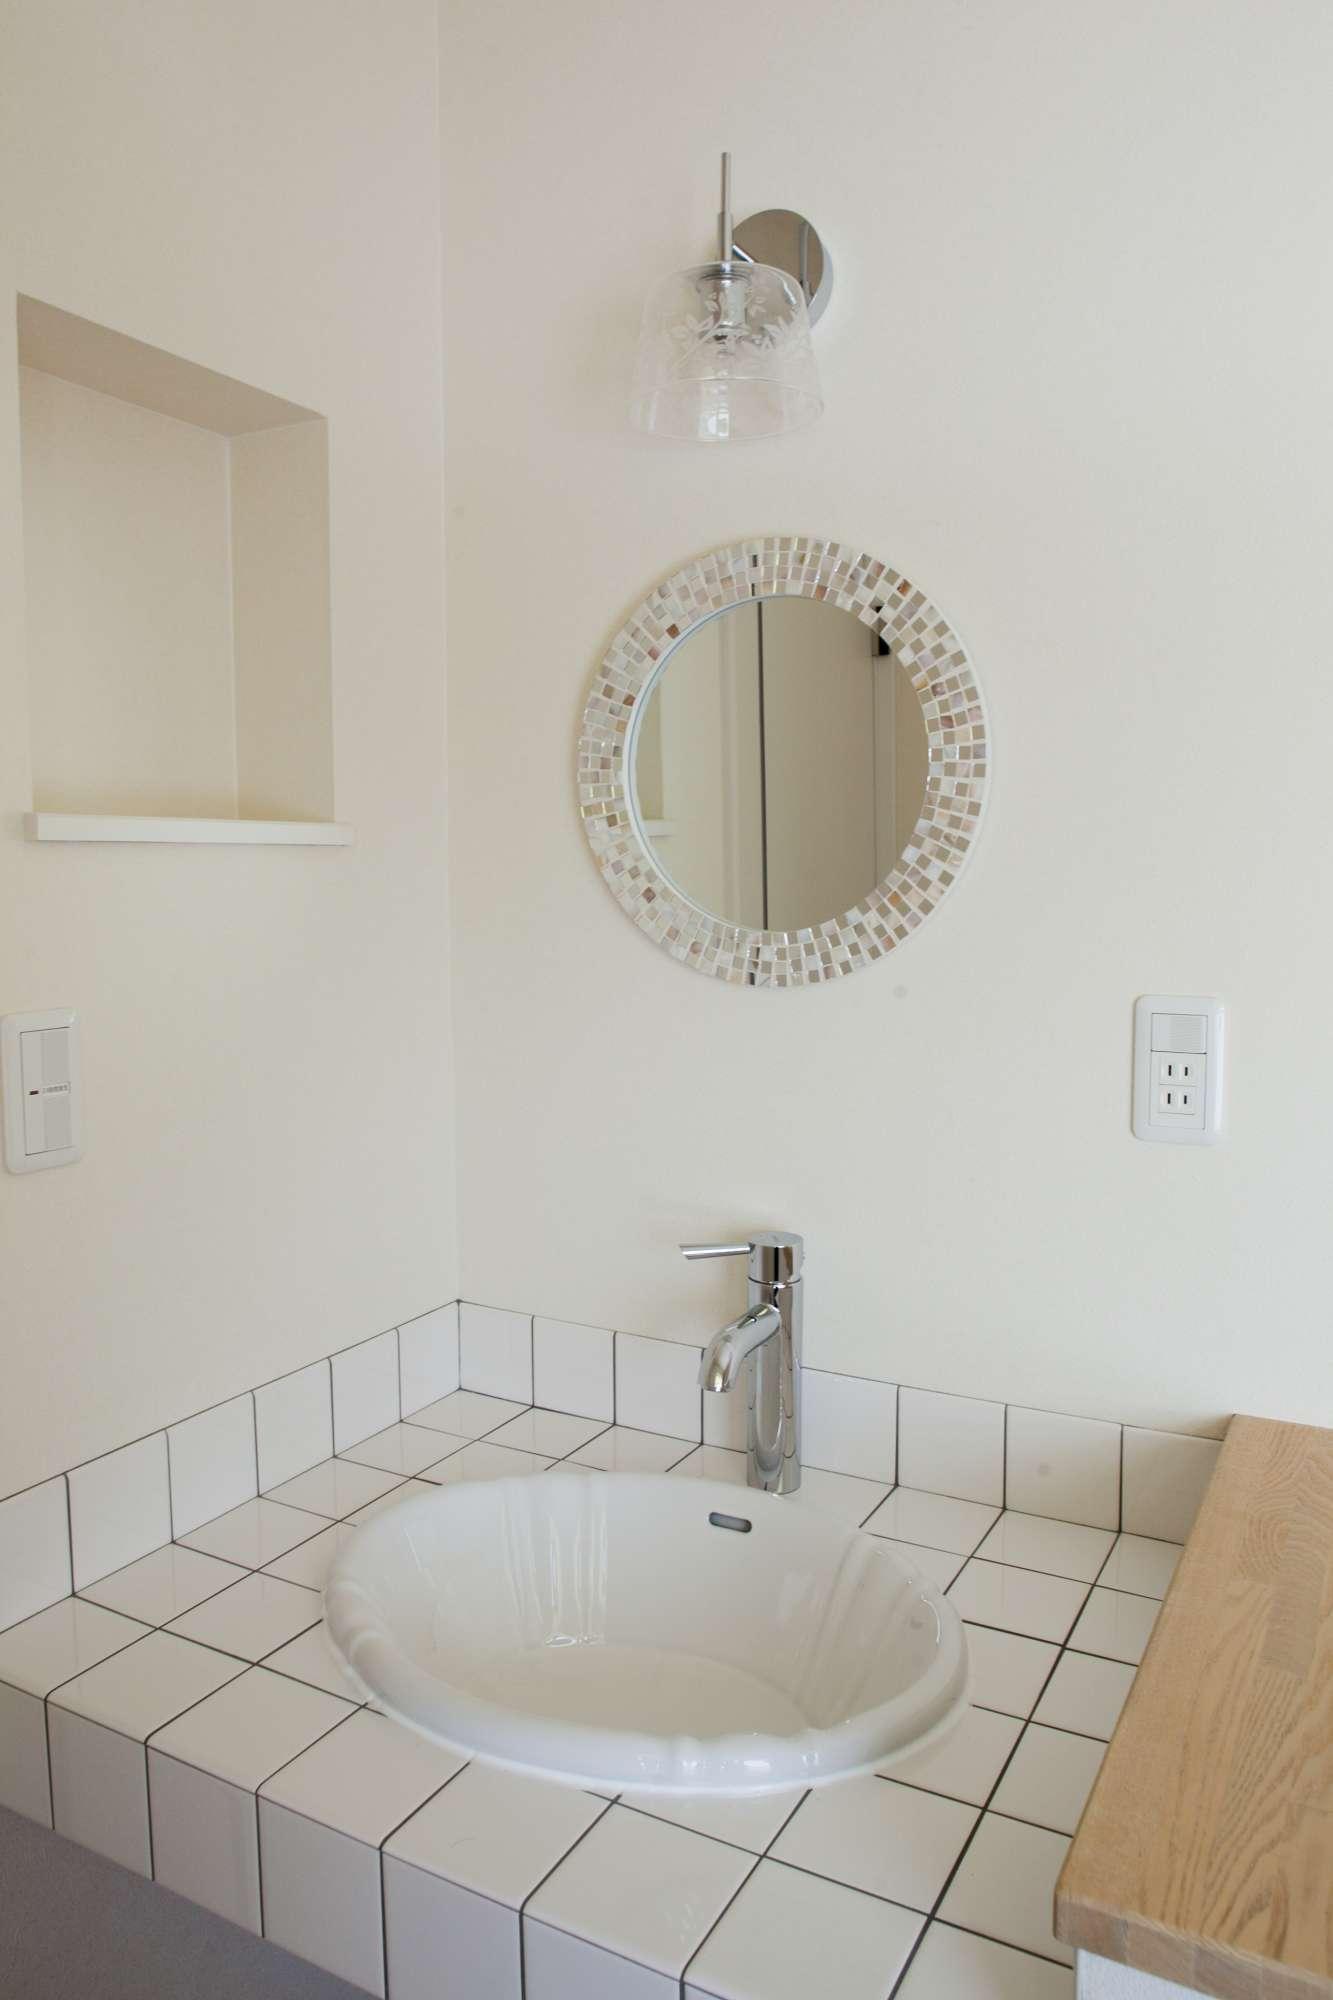 手洗い用の小さな洗面台こそ、タイルや鏡で個性の演出を楽しめます -  -  -